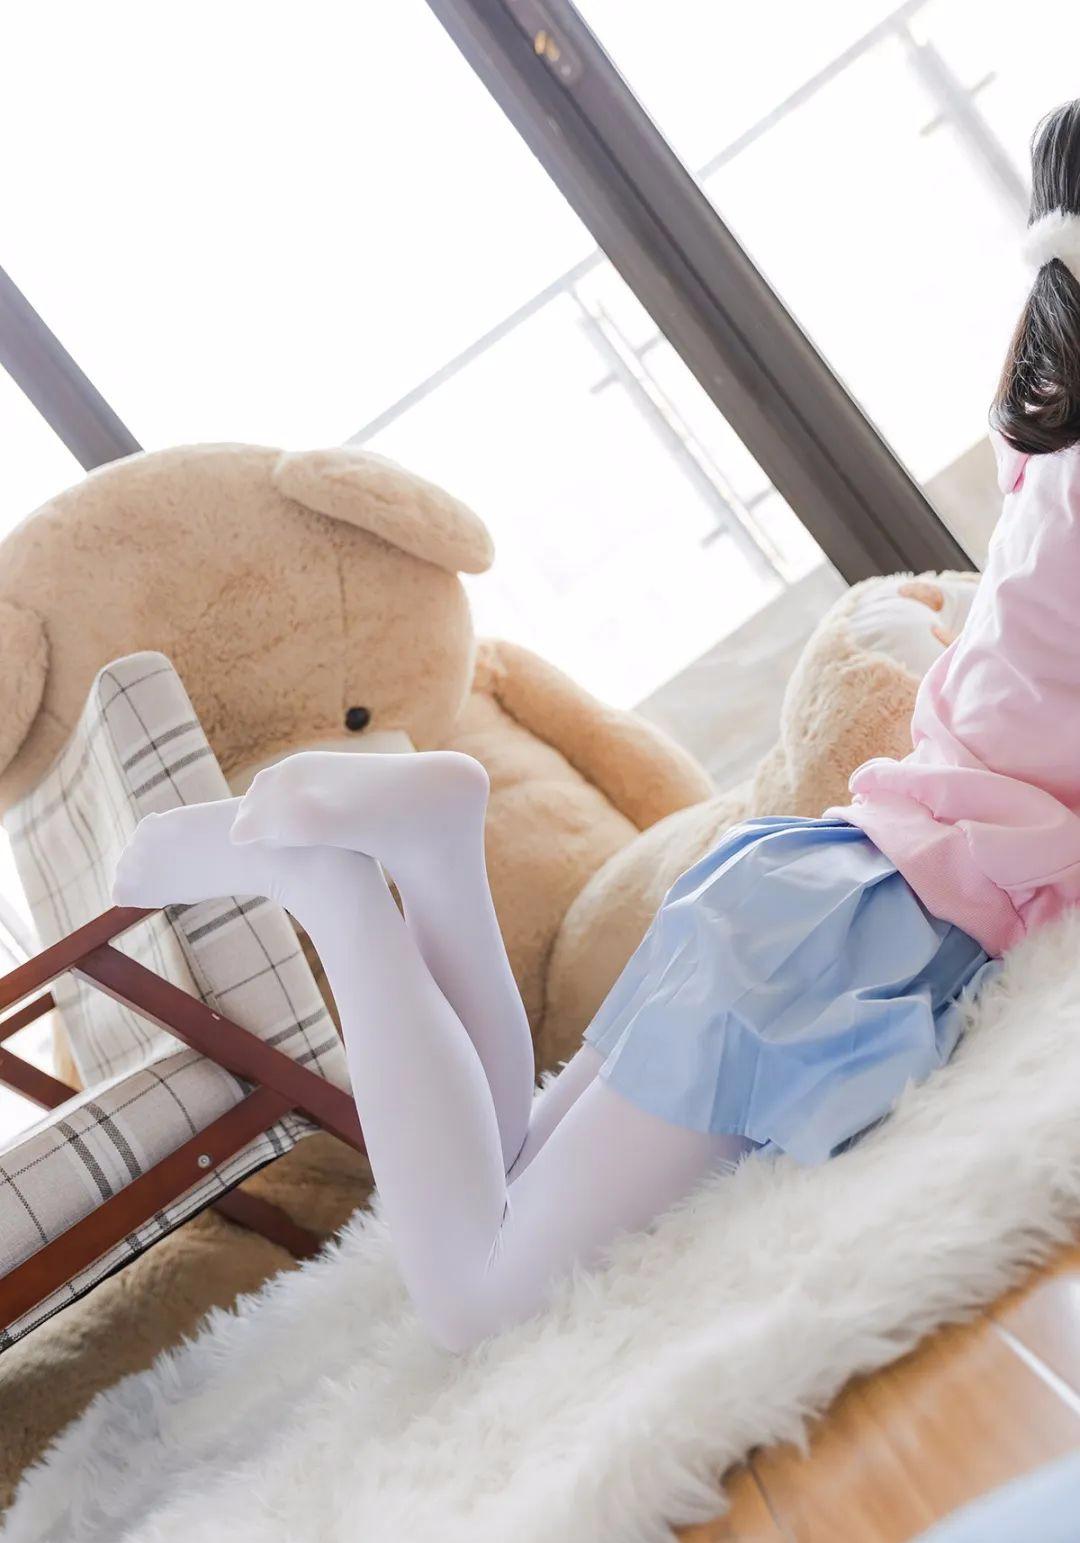 妹子摄影 – 双马尾粉色卫衣 白丝袜小短裙迷你少女_图片 No.10